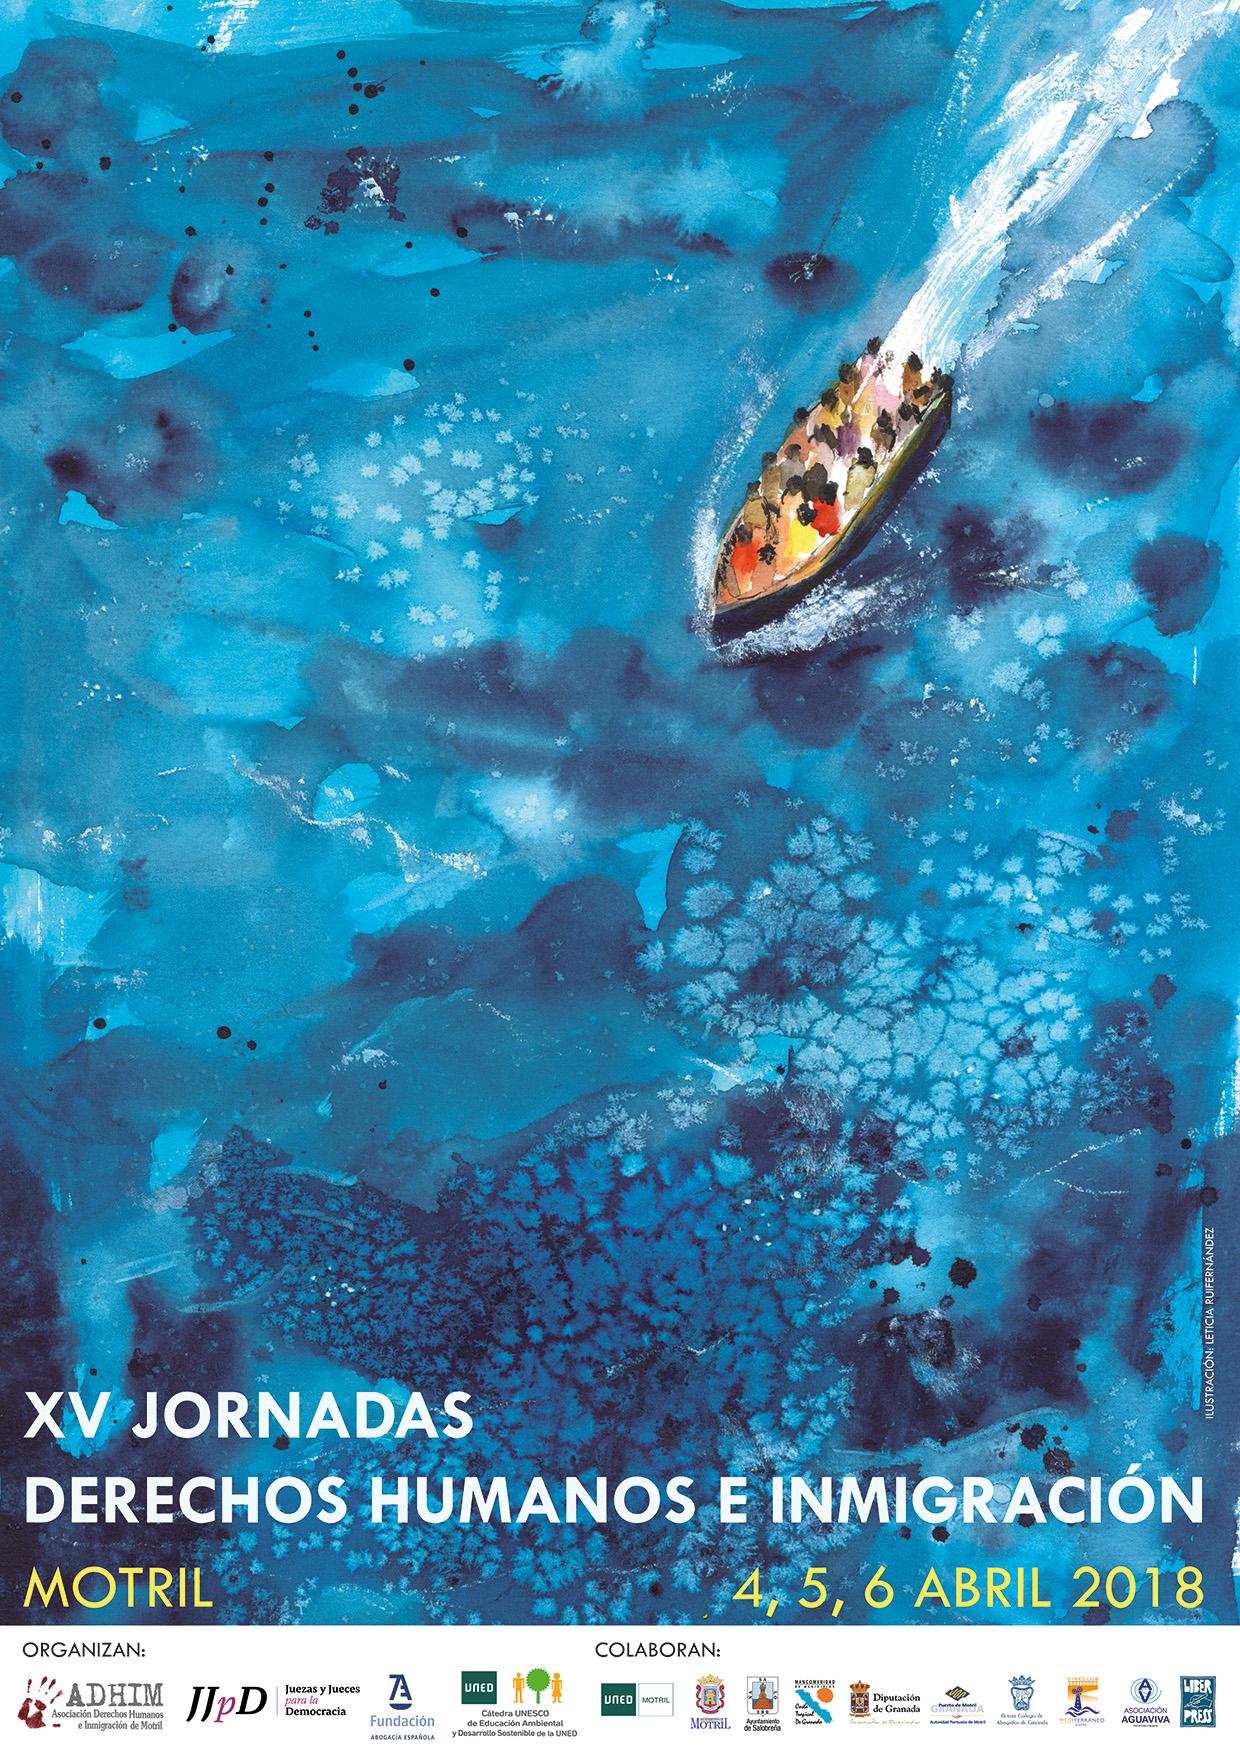 XV Jornadas de Derechos Humanos y Migraciones de Motril (4,5,6 Abril)